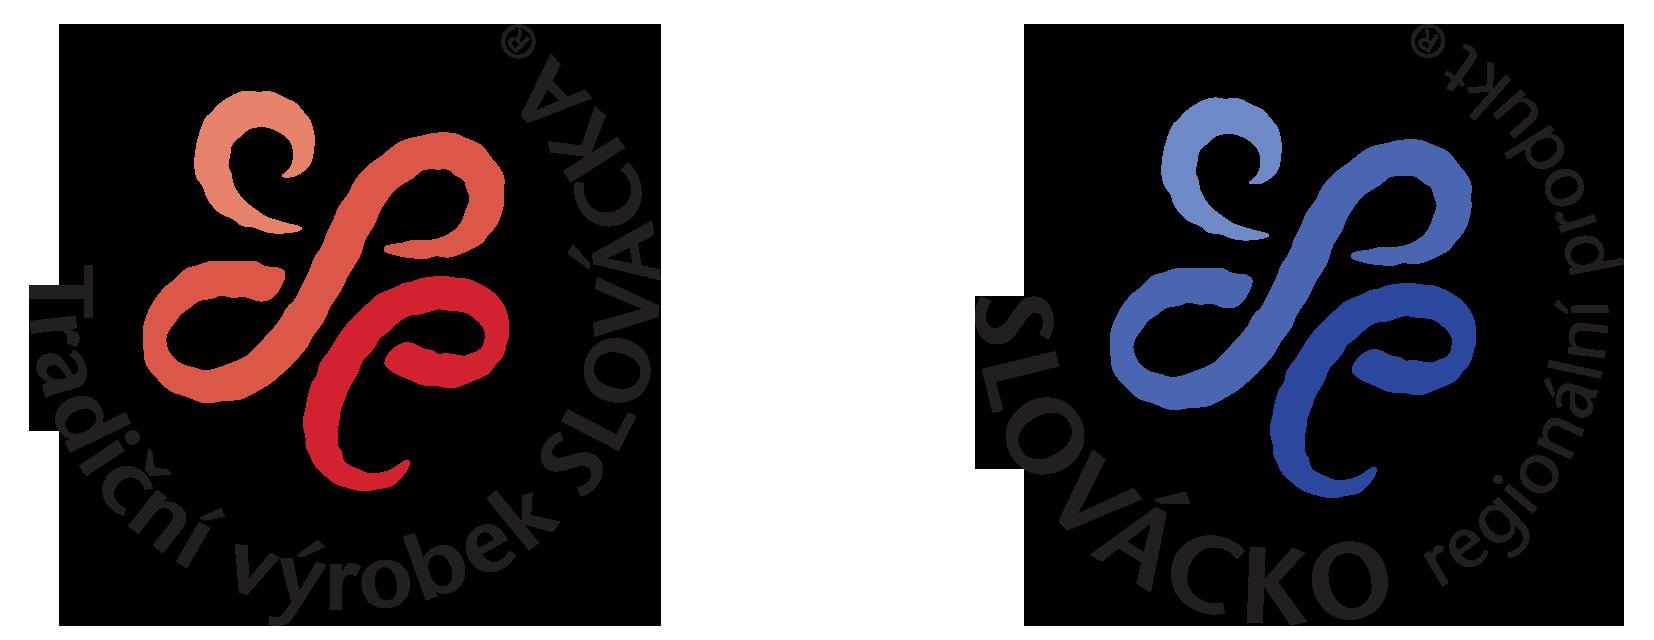 Tradiční výrobek Slovácka